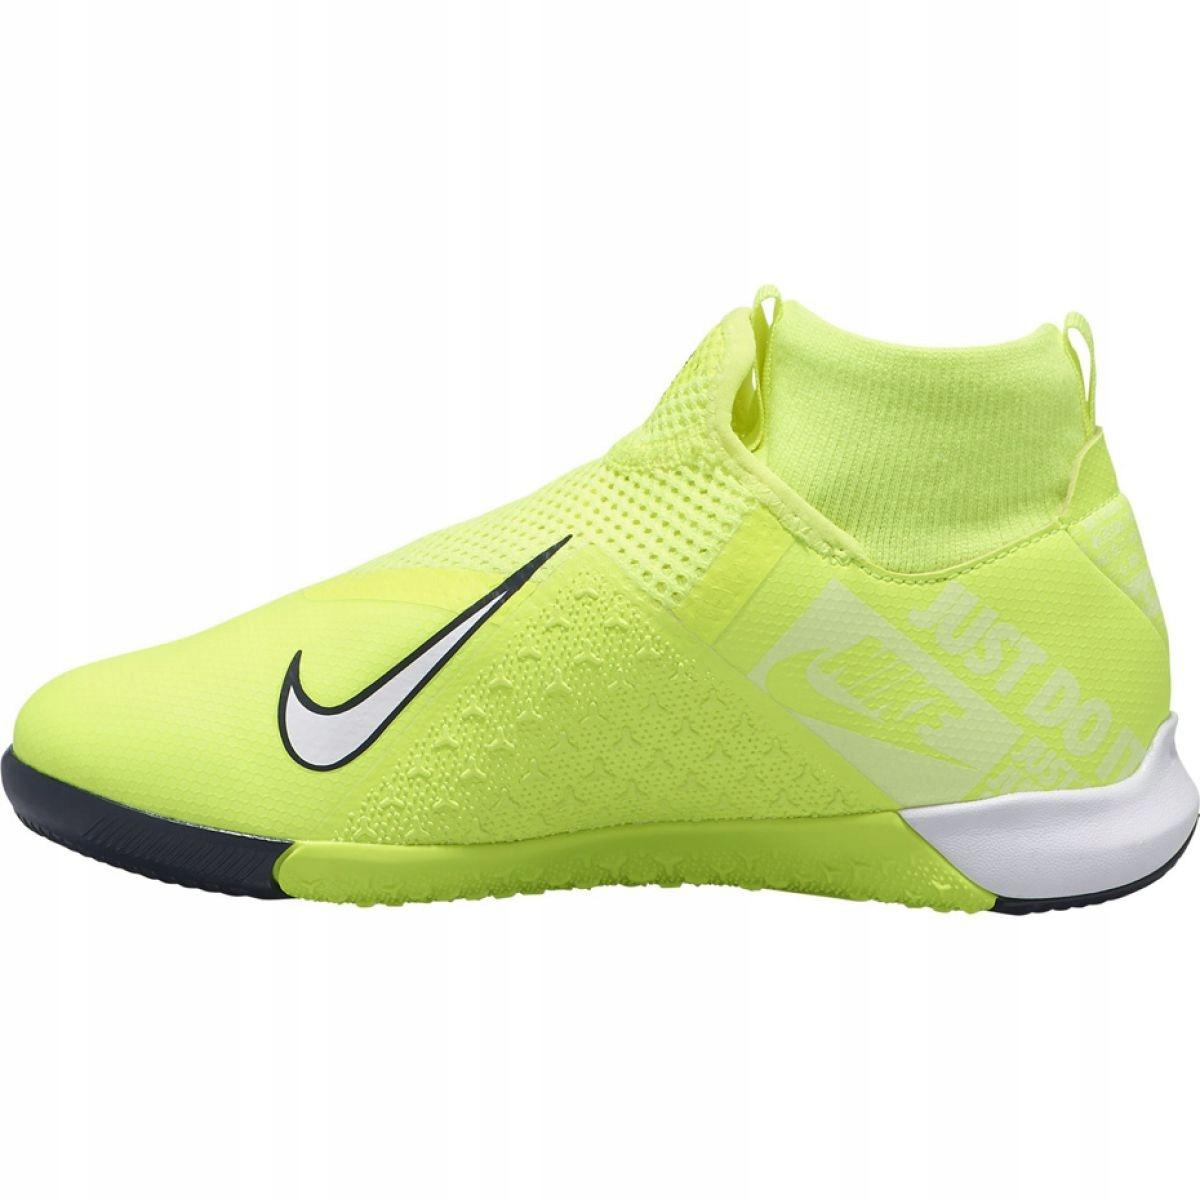 Tênis de corrida Nike Phantom Vsn Academy Df Ic Jr AO3290 717 amarelo amarelo